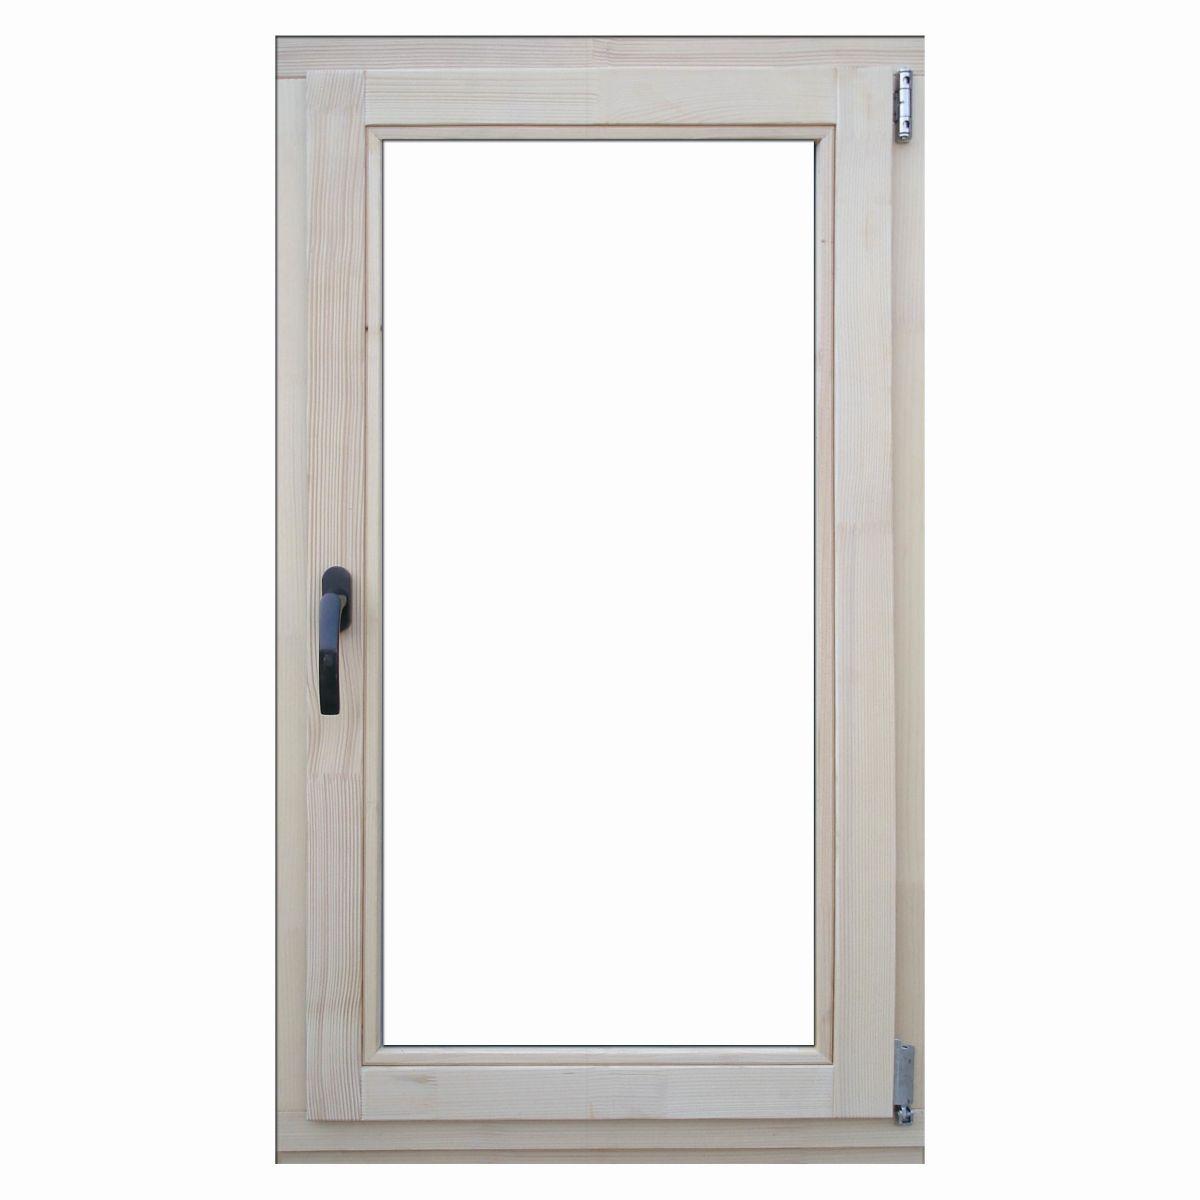 Finestre in pvc prezzi cheap finestre pvc prezzi triplo for Prezzi scale alluminio leroy merlin